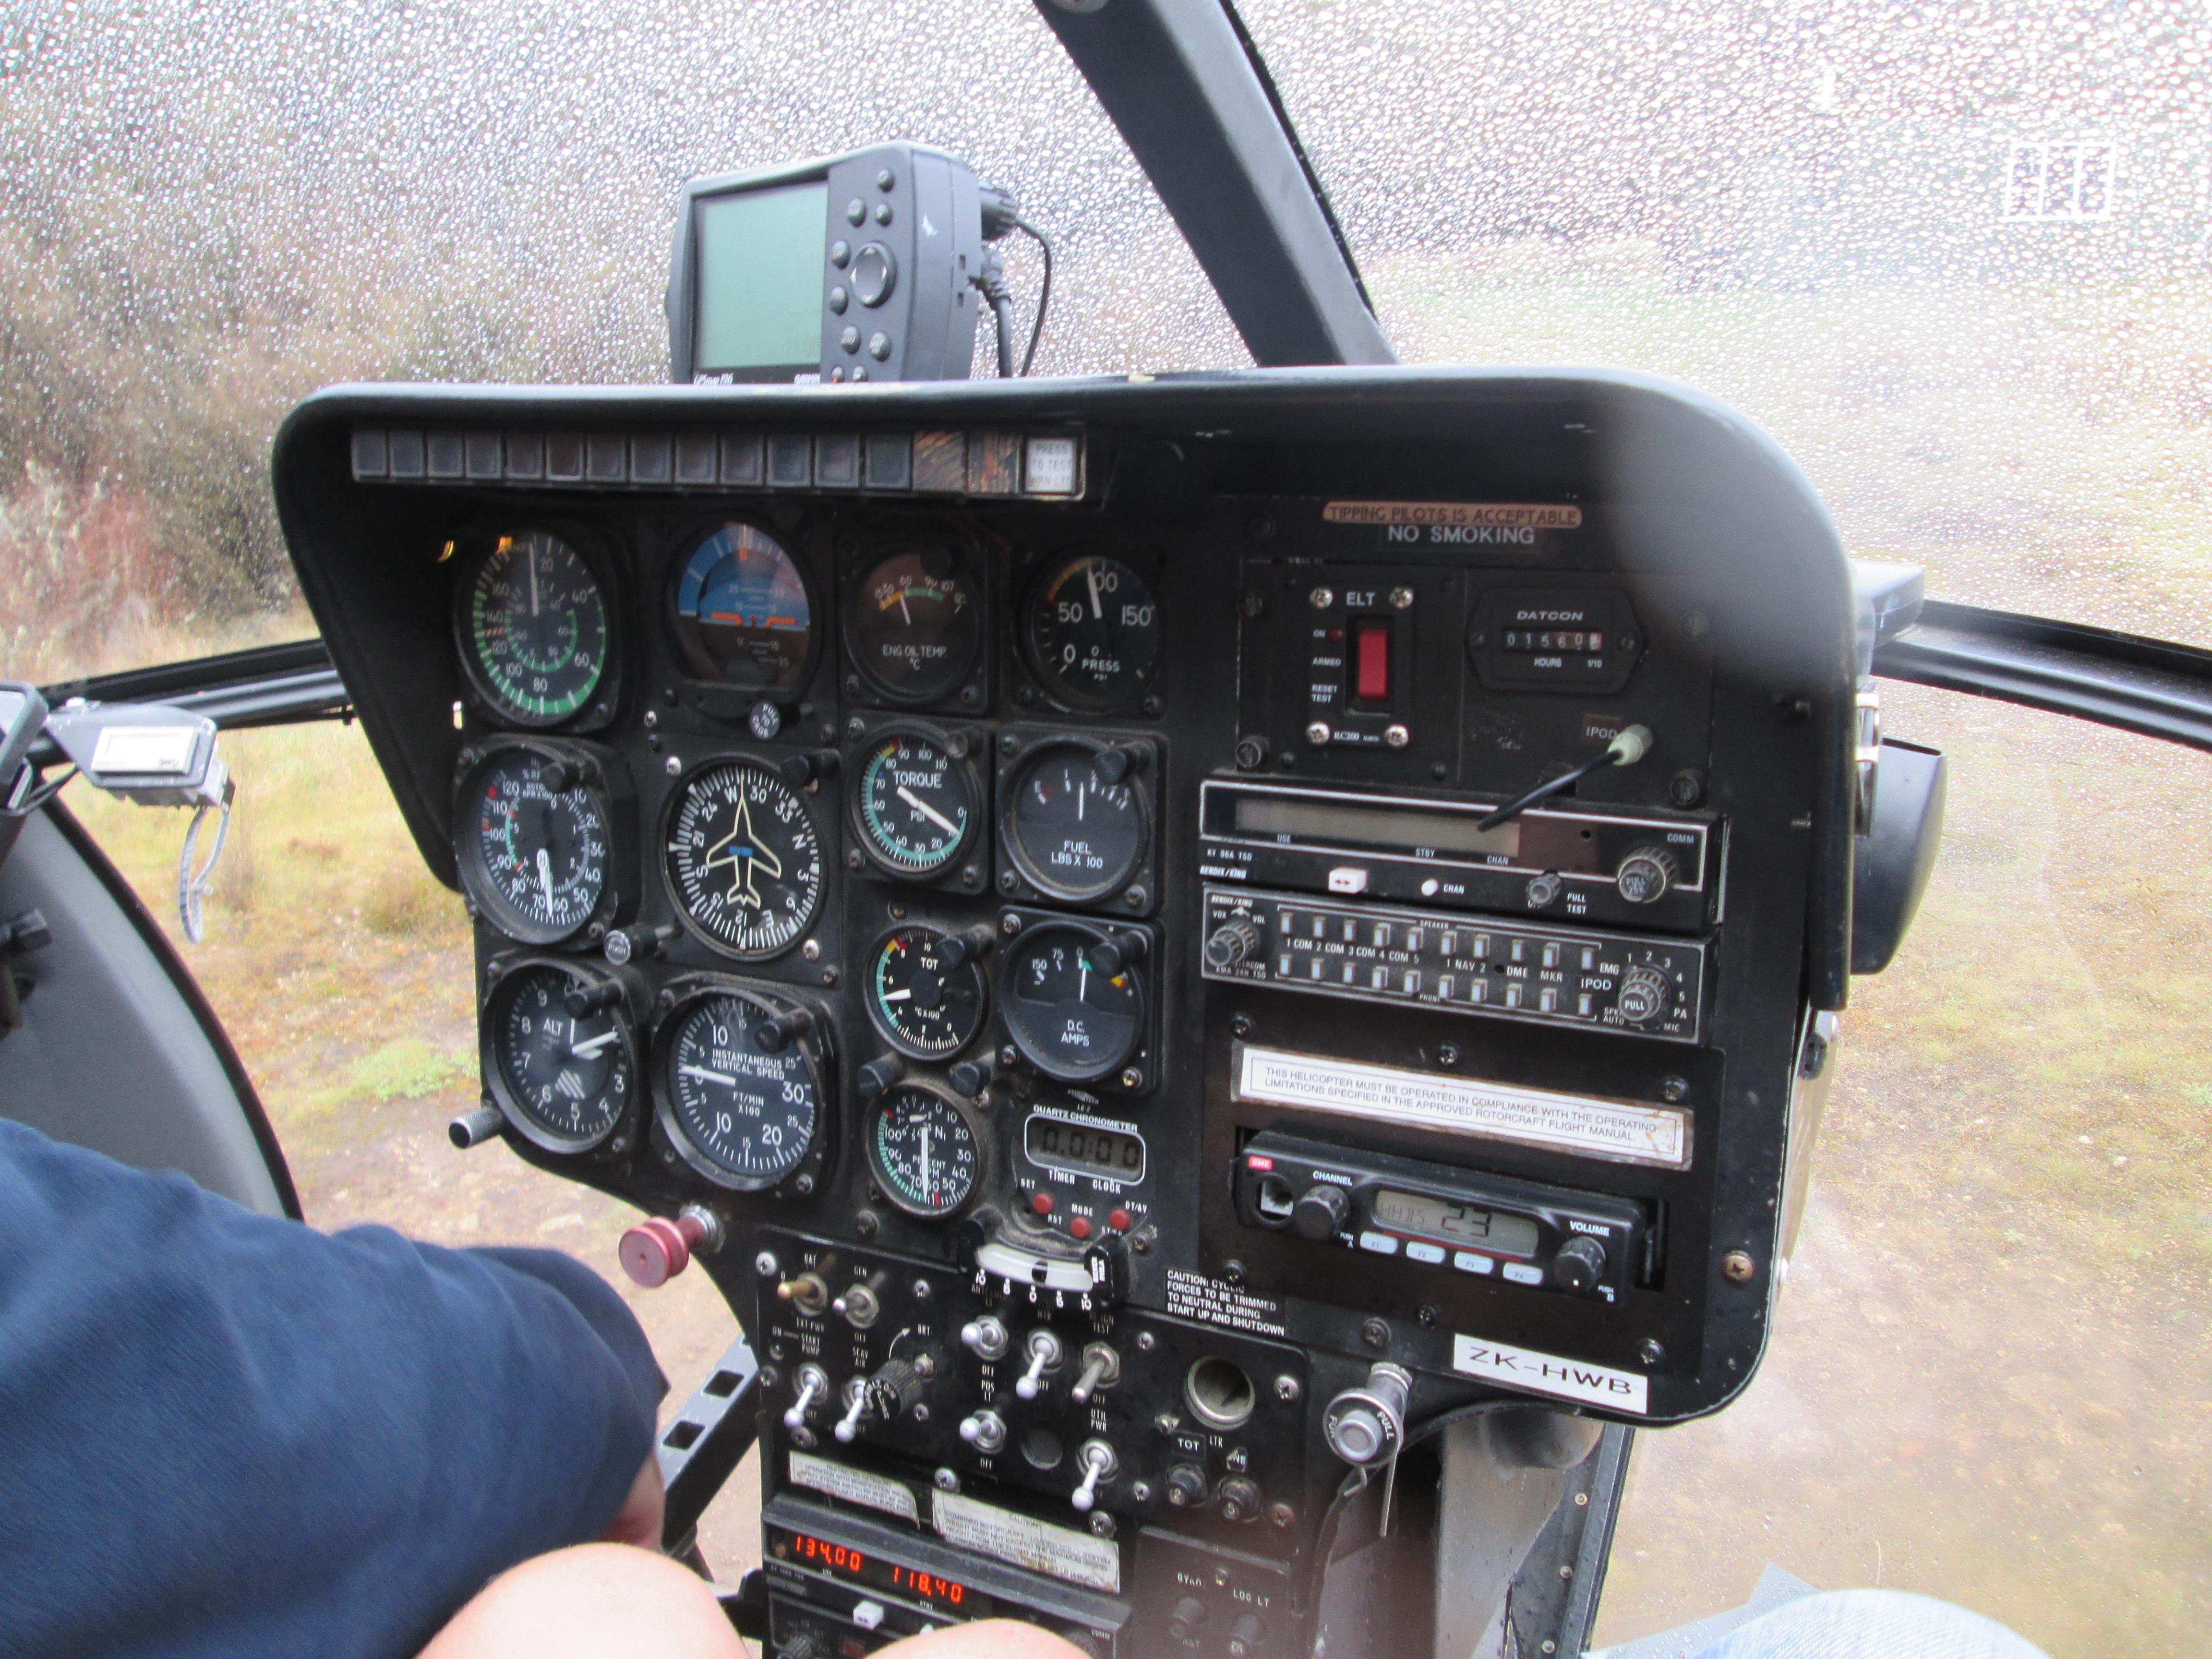 Gambar Udara Pesawat Terbang Kendaraan Perusahaan Penerbangan